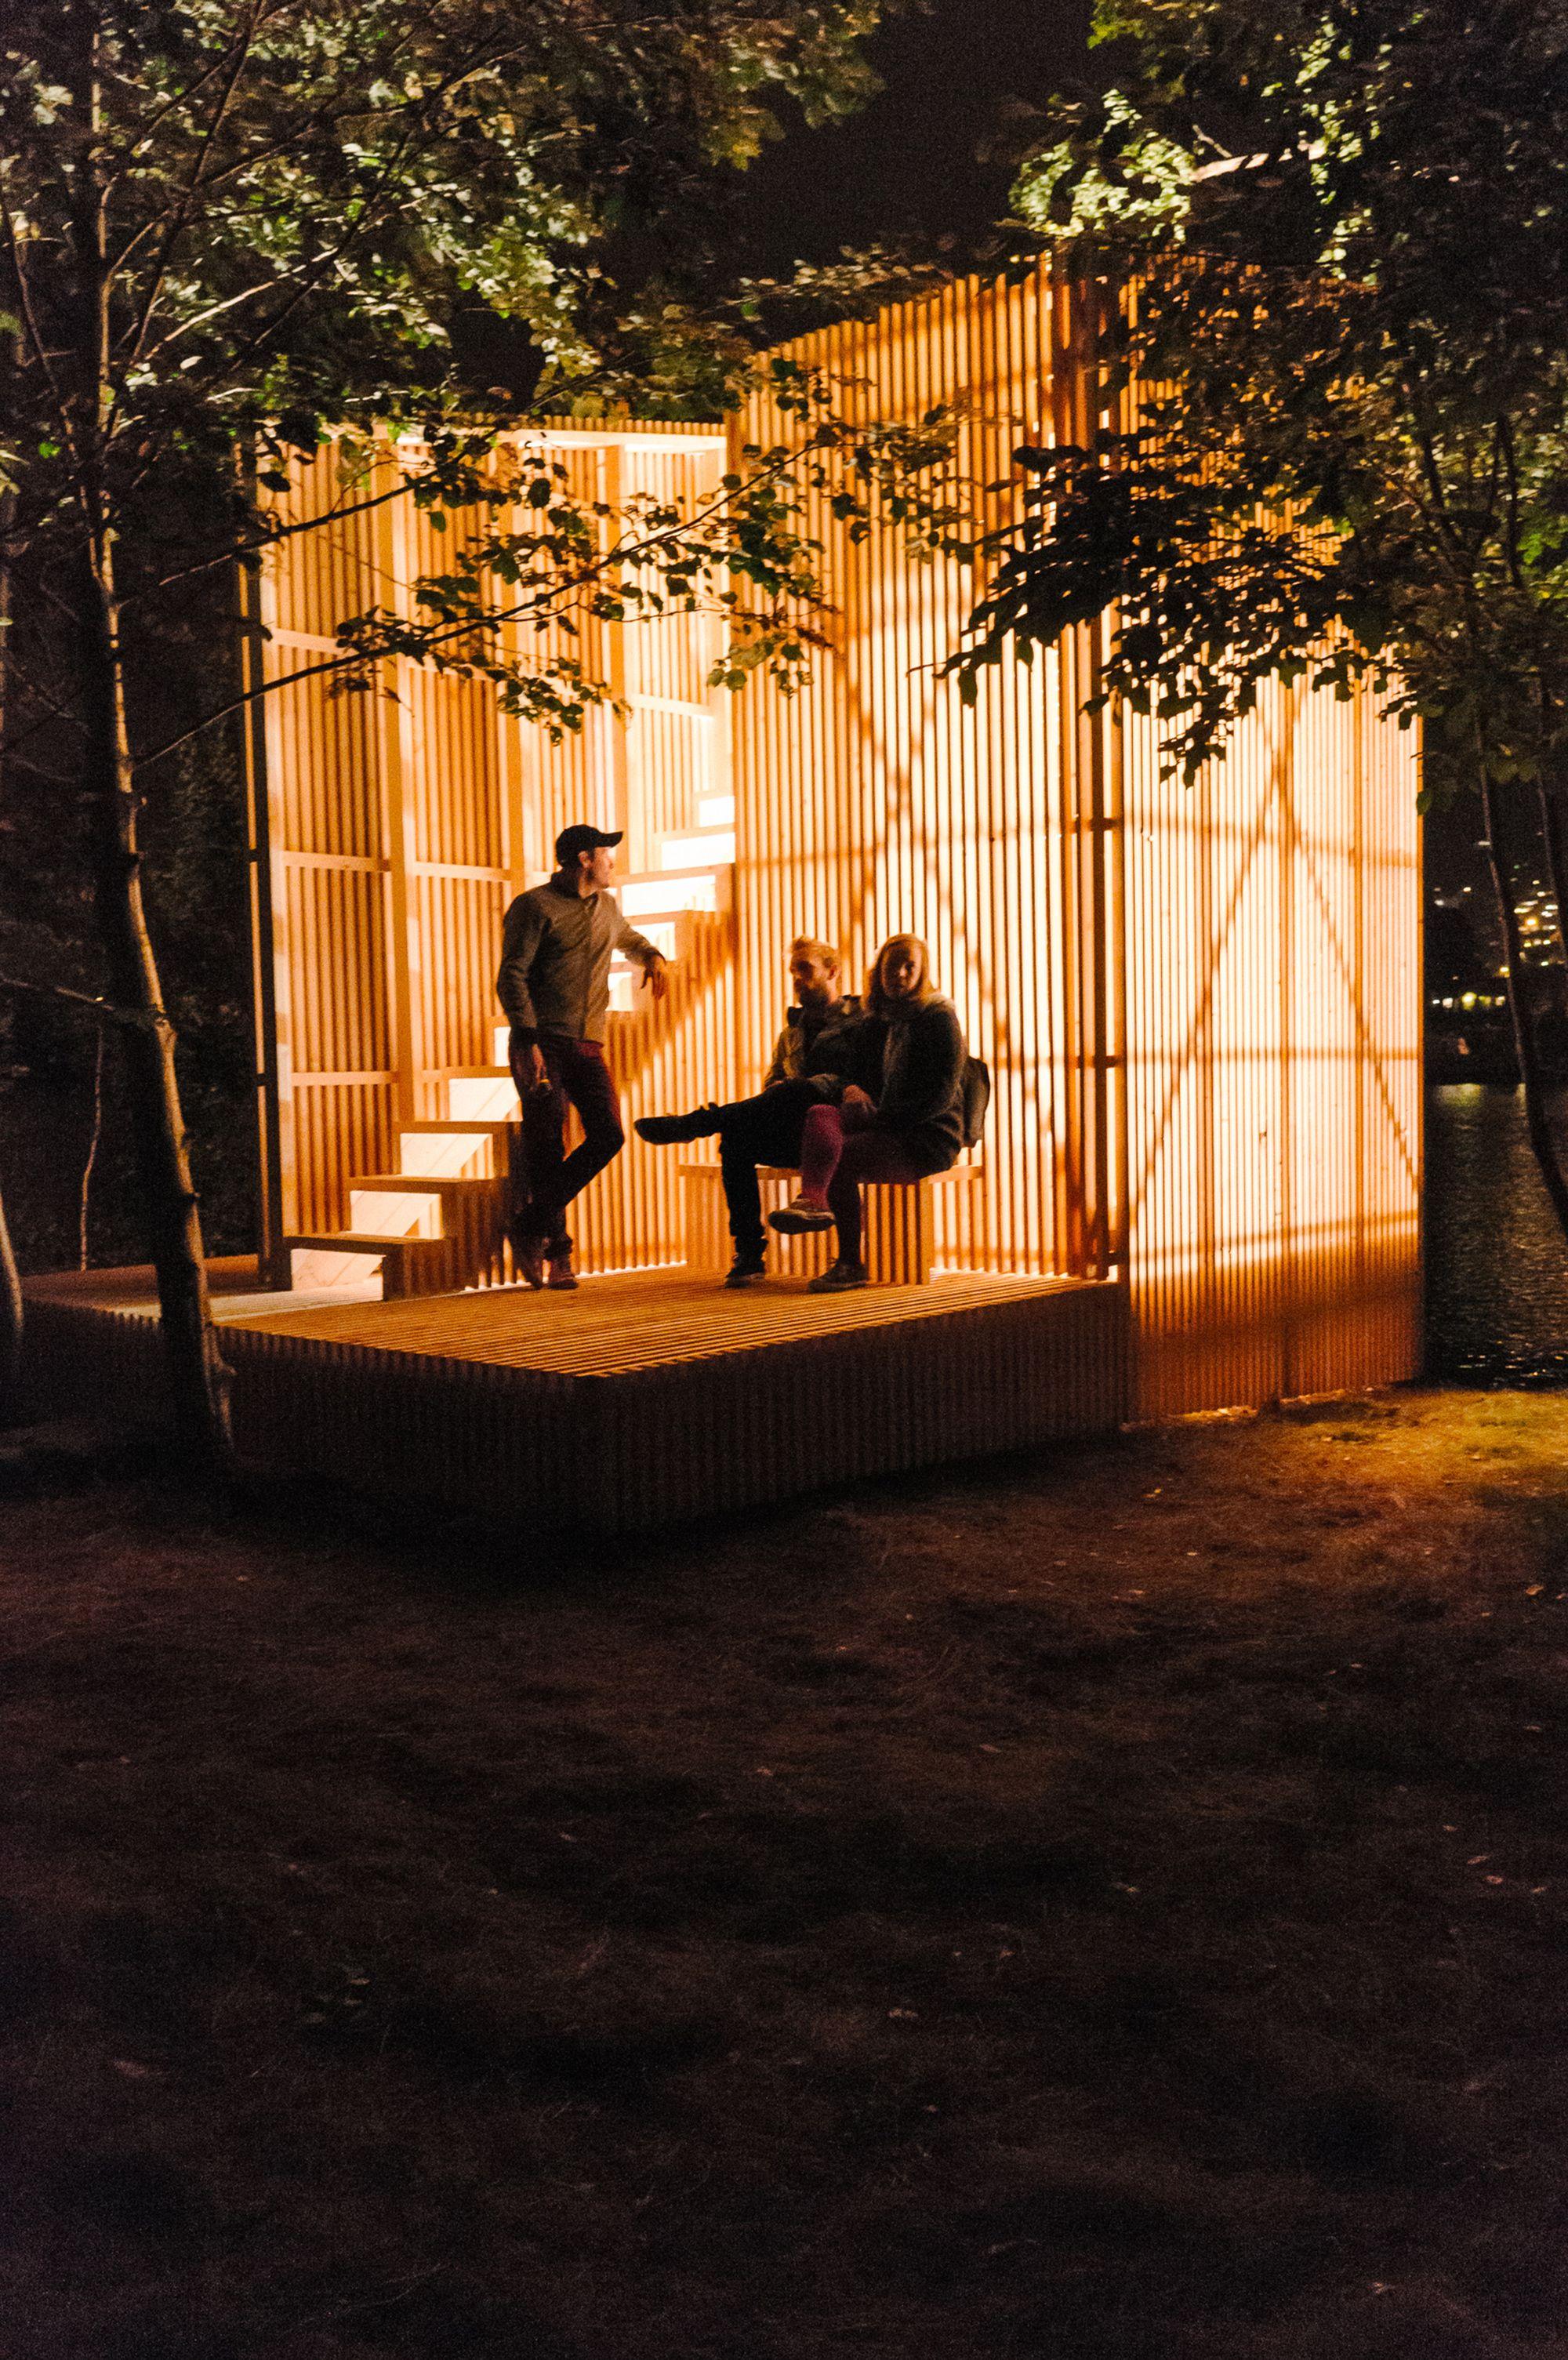 galeria de gjennomsikte / kollaboratoriet - 11 | theater, pavillon, Gartengerate ideen